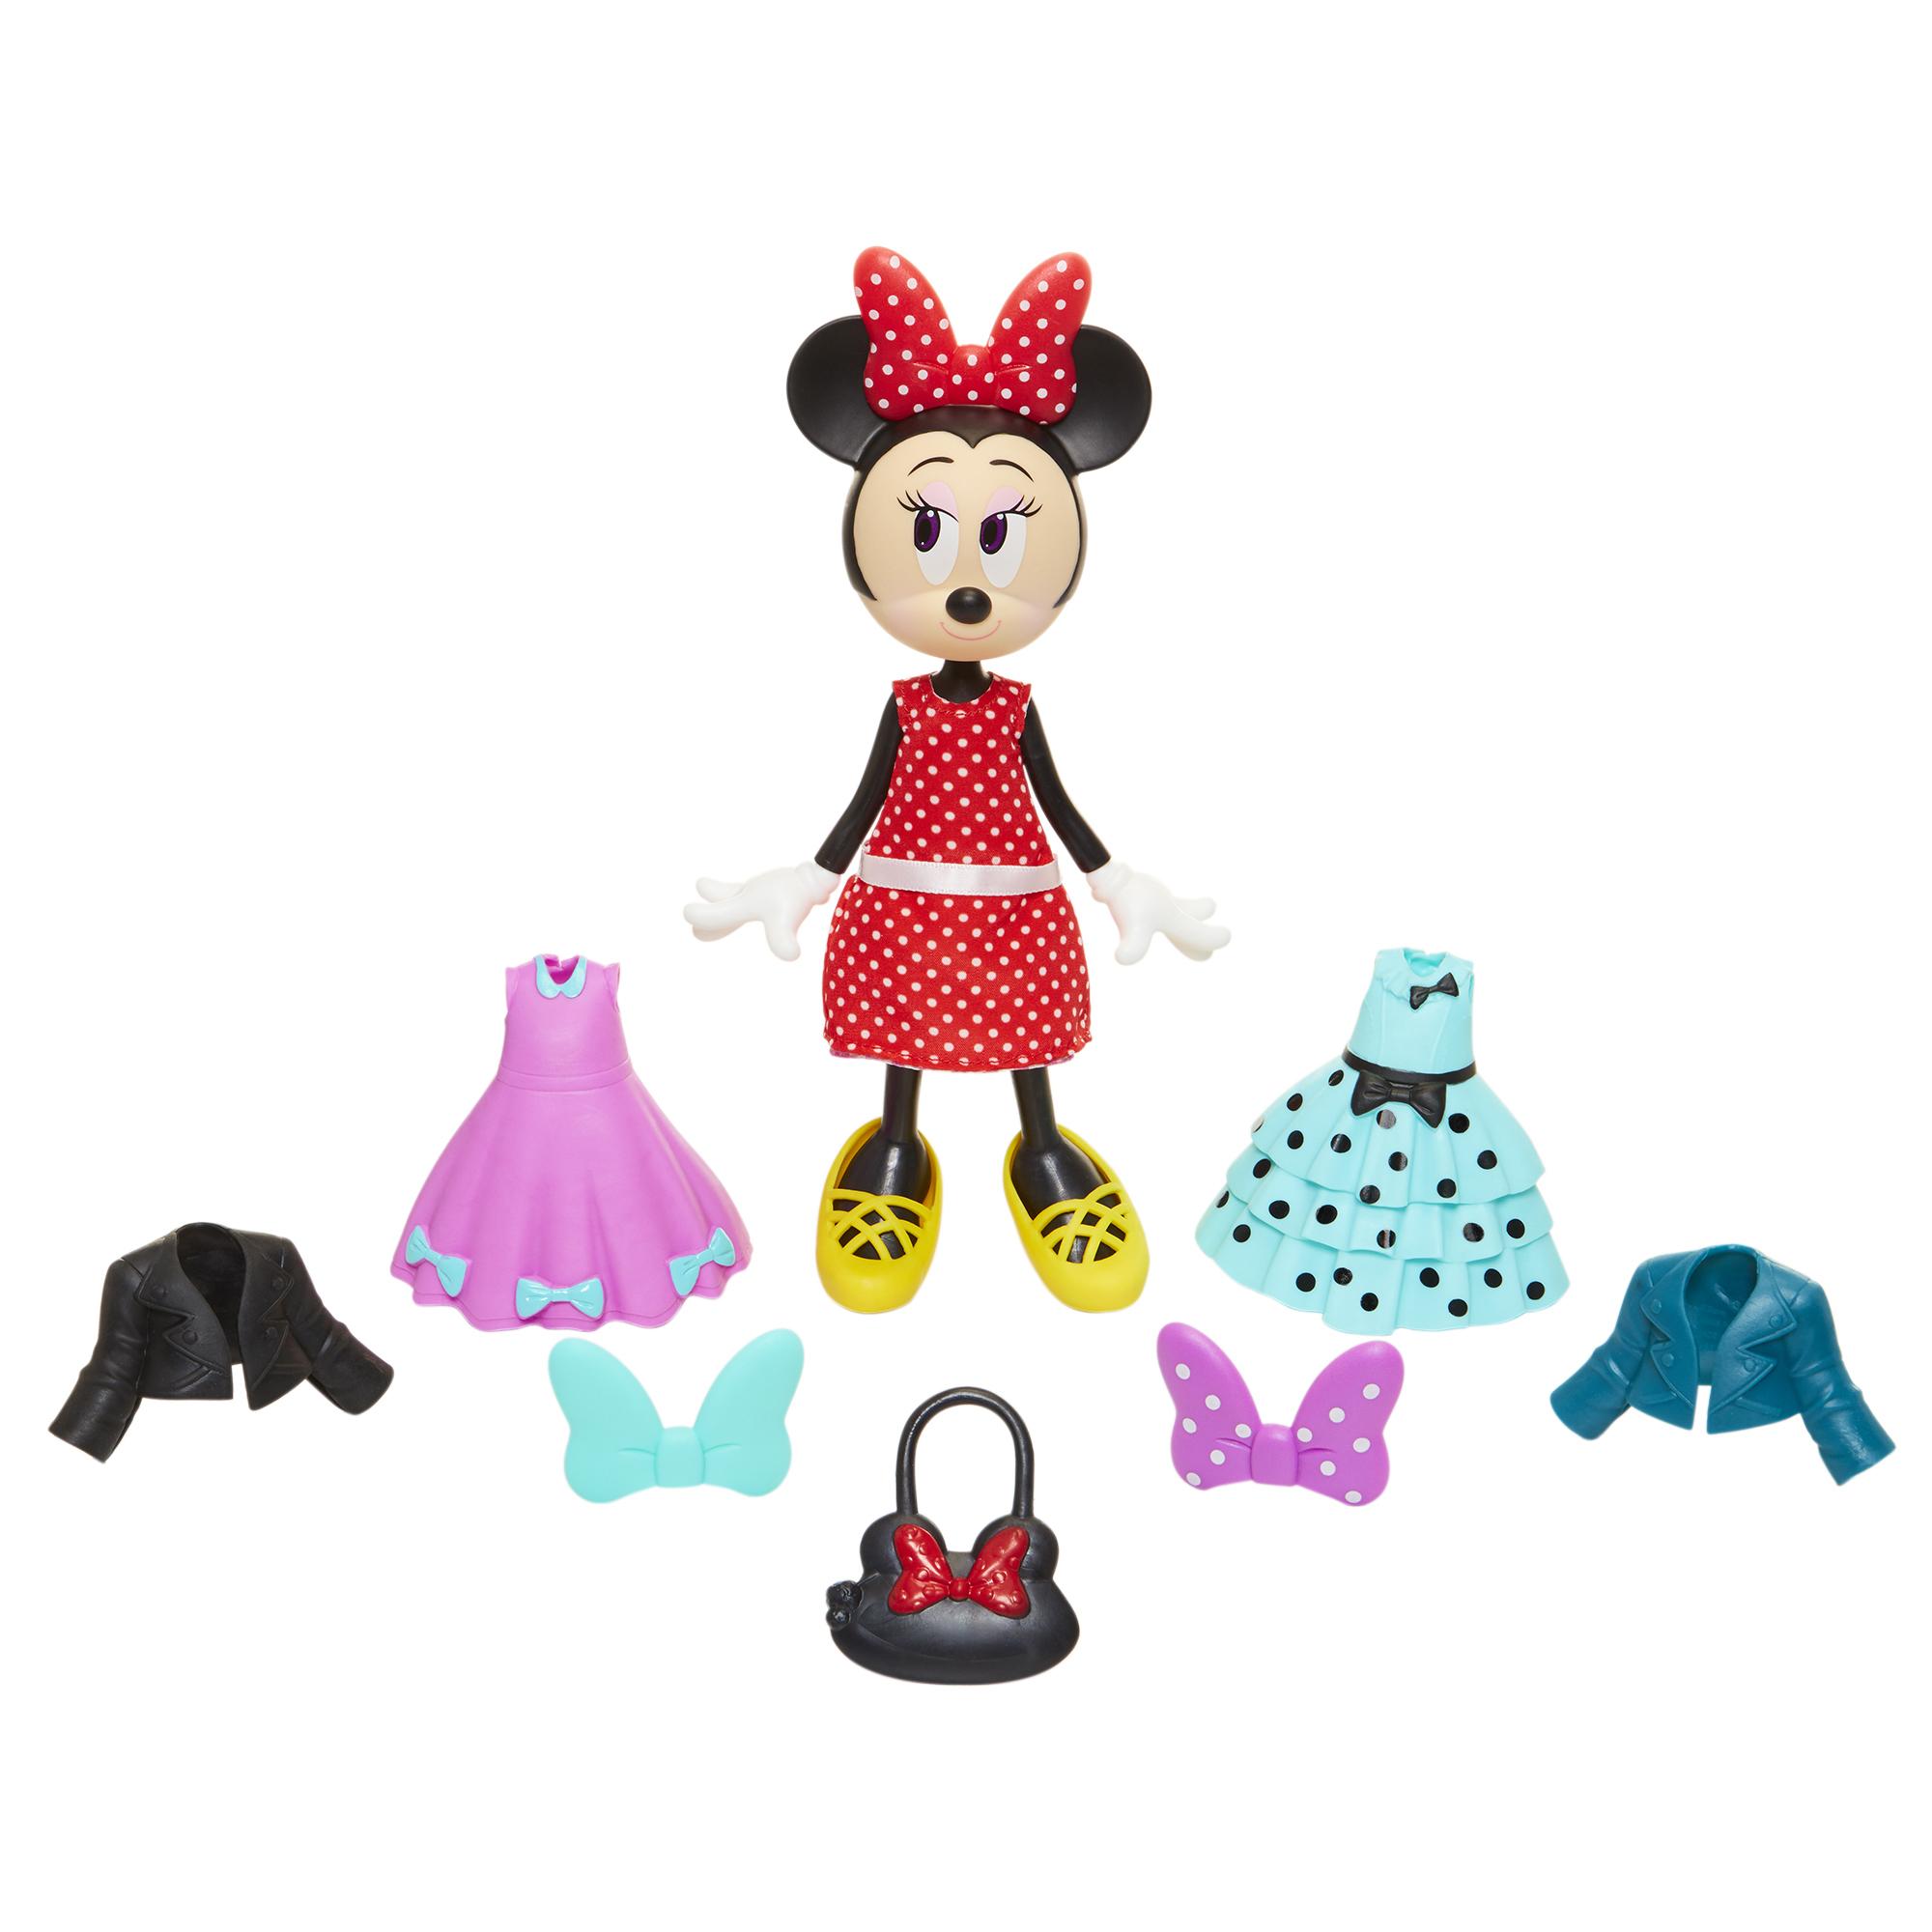 Игровой набор кукла с платьями и сумочкой  Minnie Mouse special collection артикул 85042